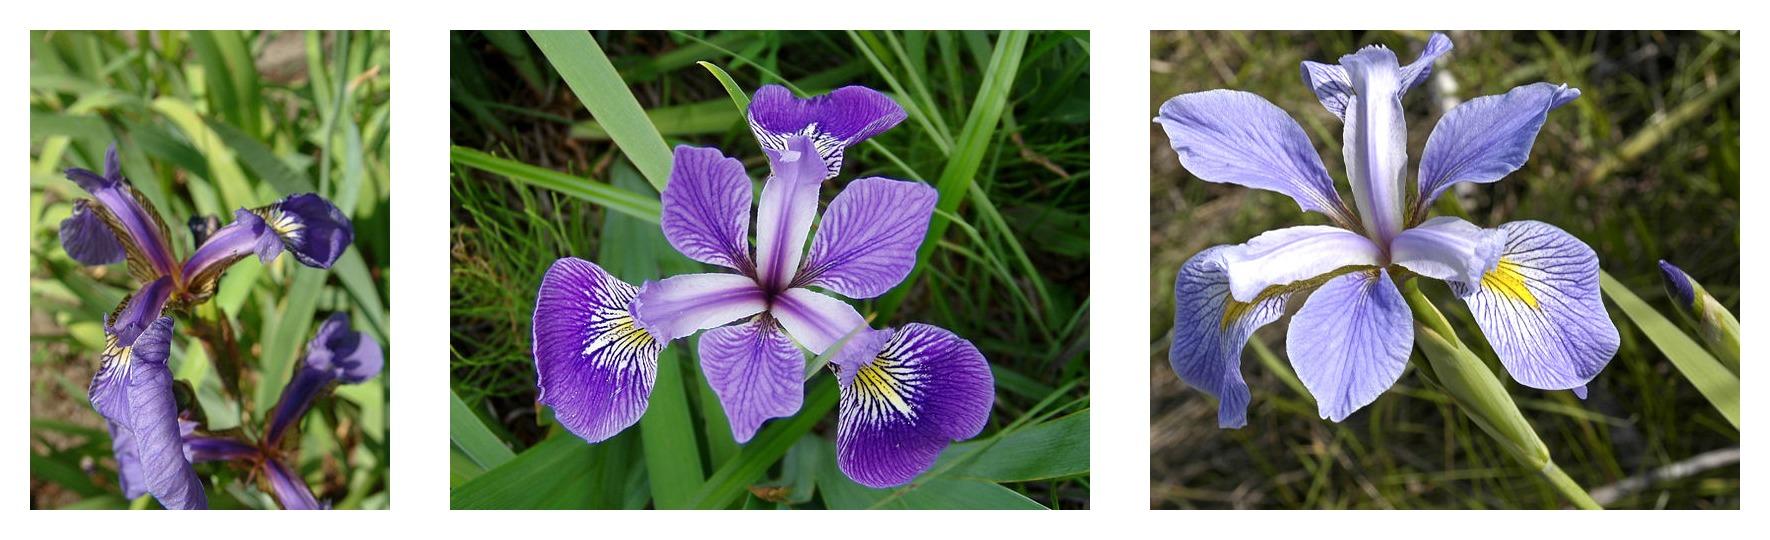 Geometría de pétalos comparada para tres especies de iris: Iris setosa, Iris virginica e Iris versicolor